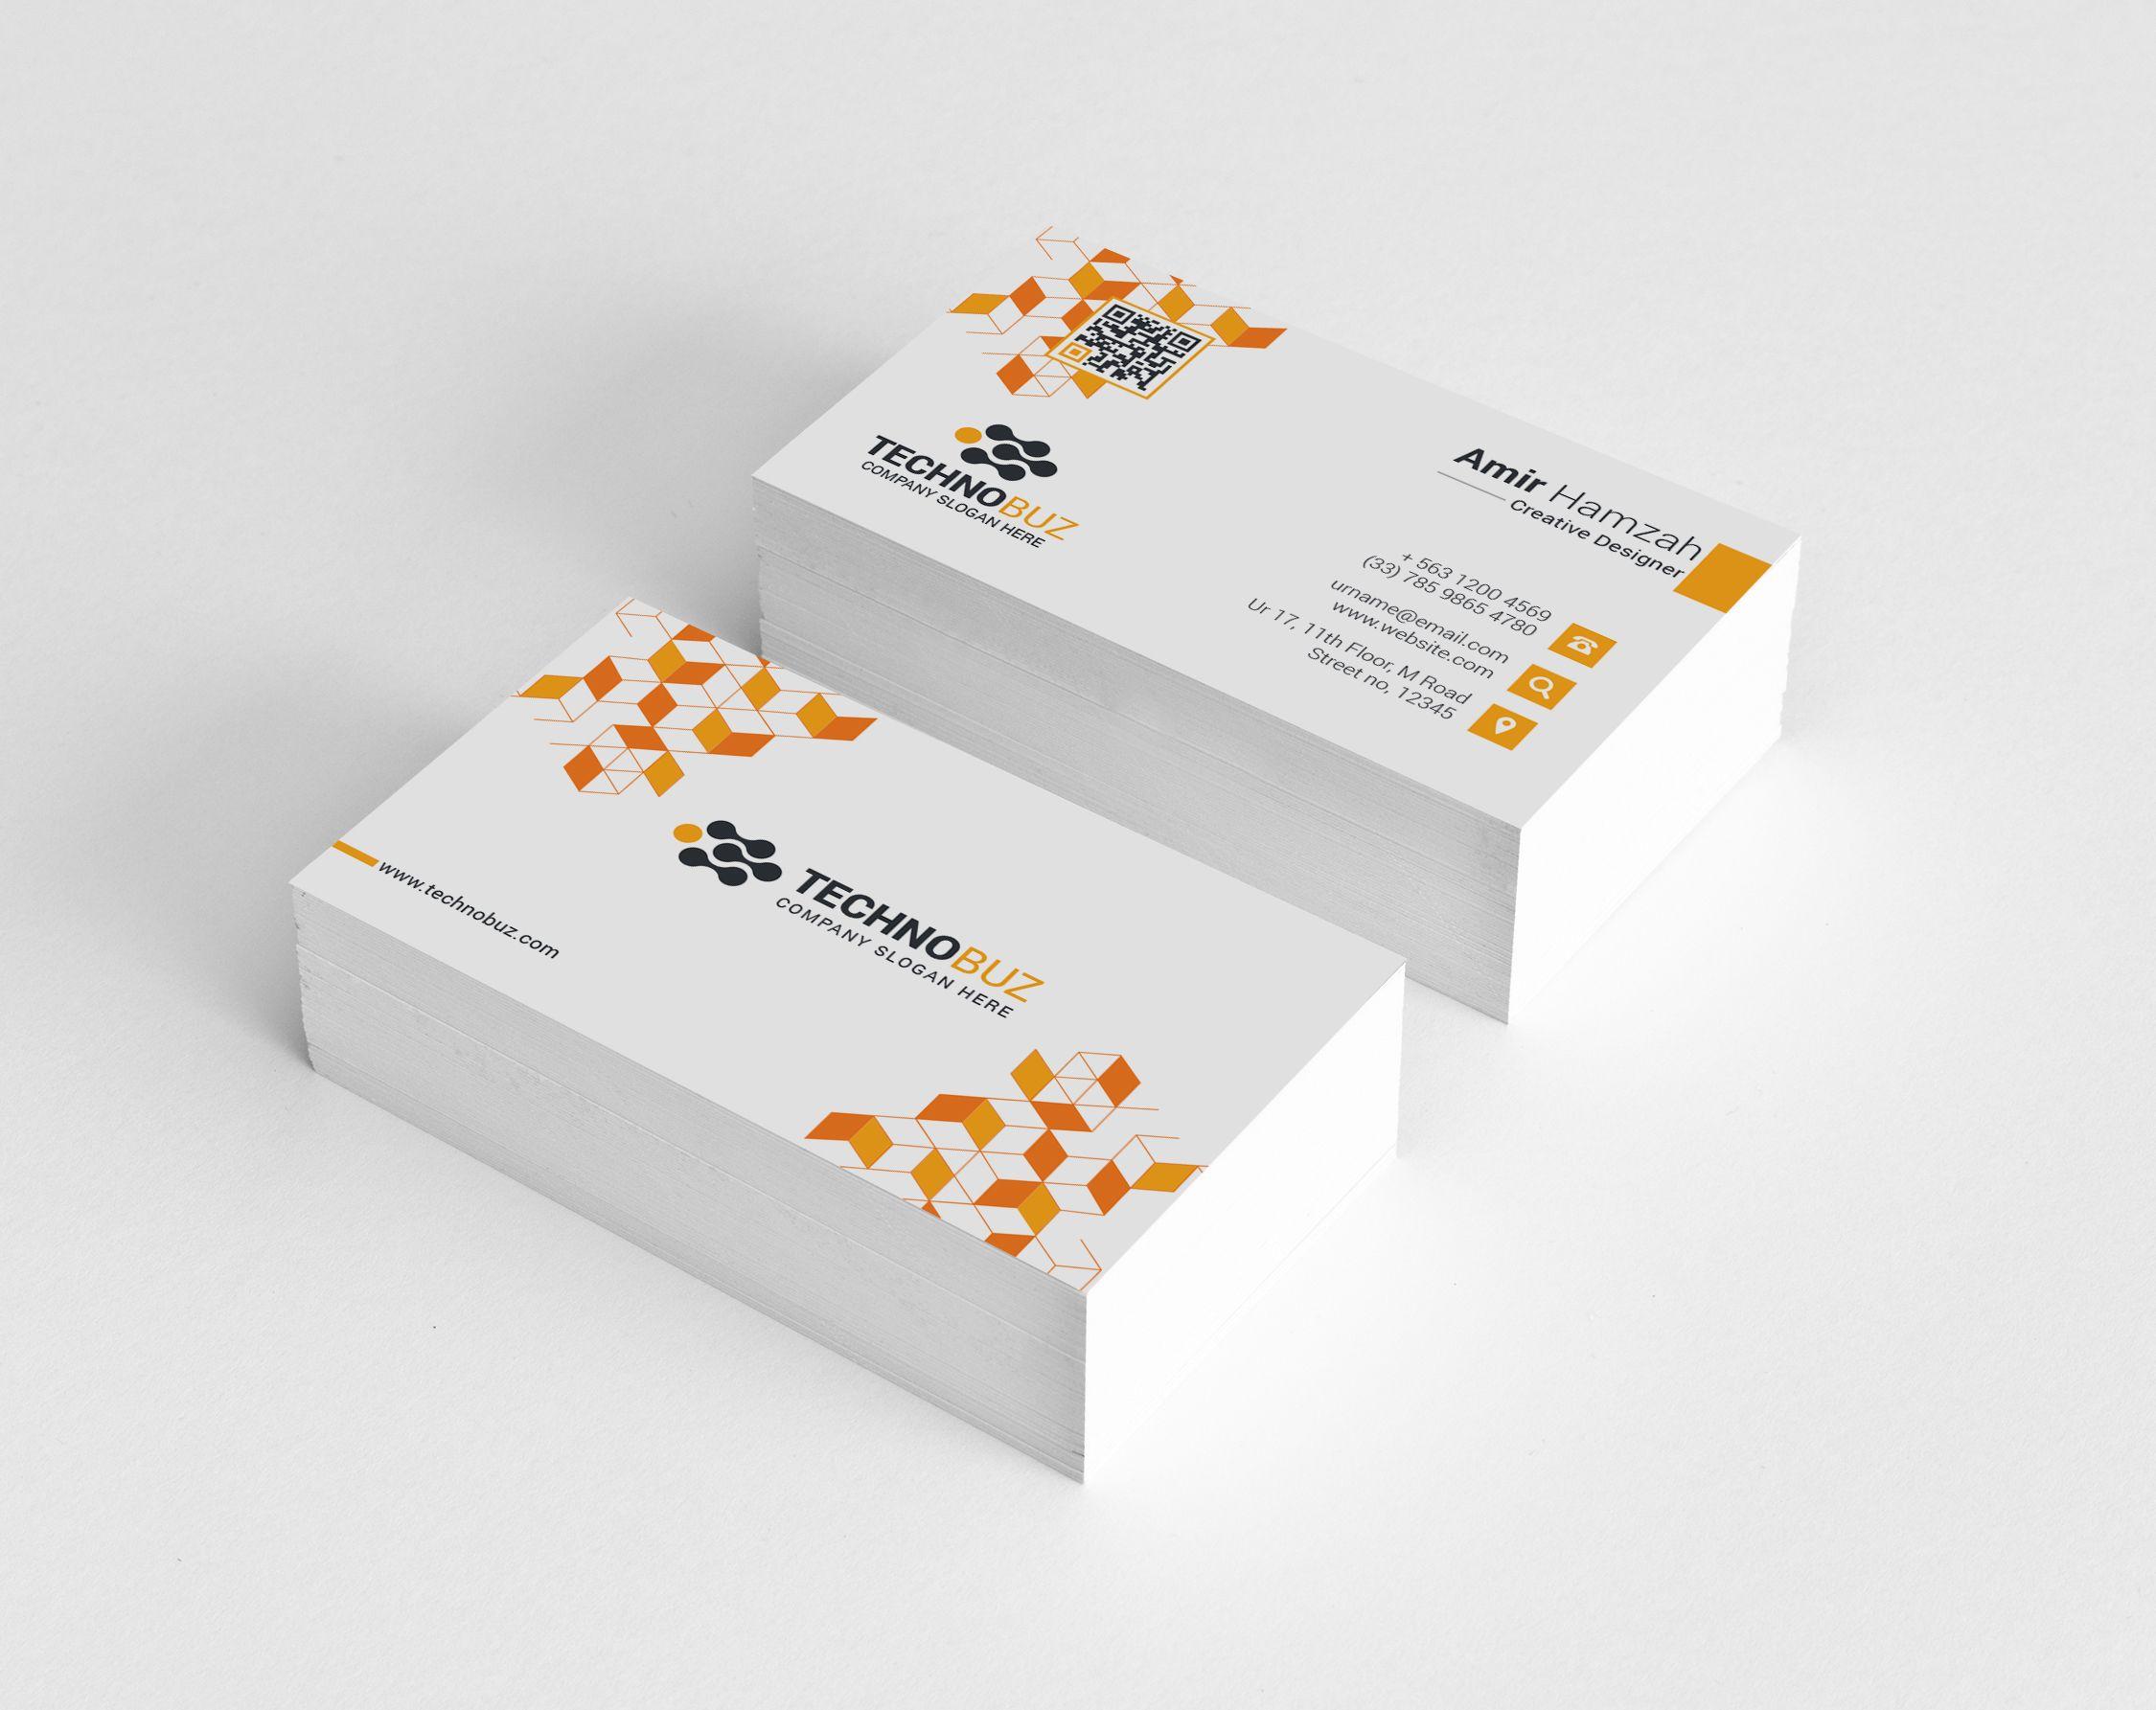 Cubes Premium Elegant Business Card Template Graphic Templates Elegant Business Cards Business Card Template Business Card Template Design